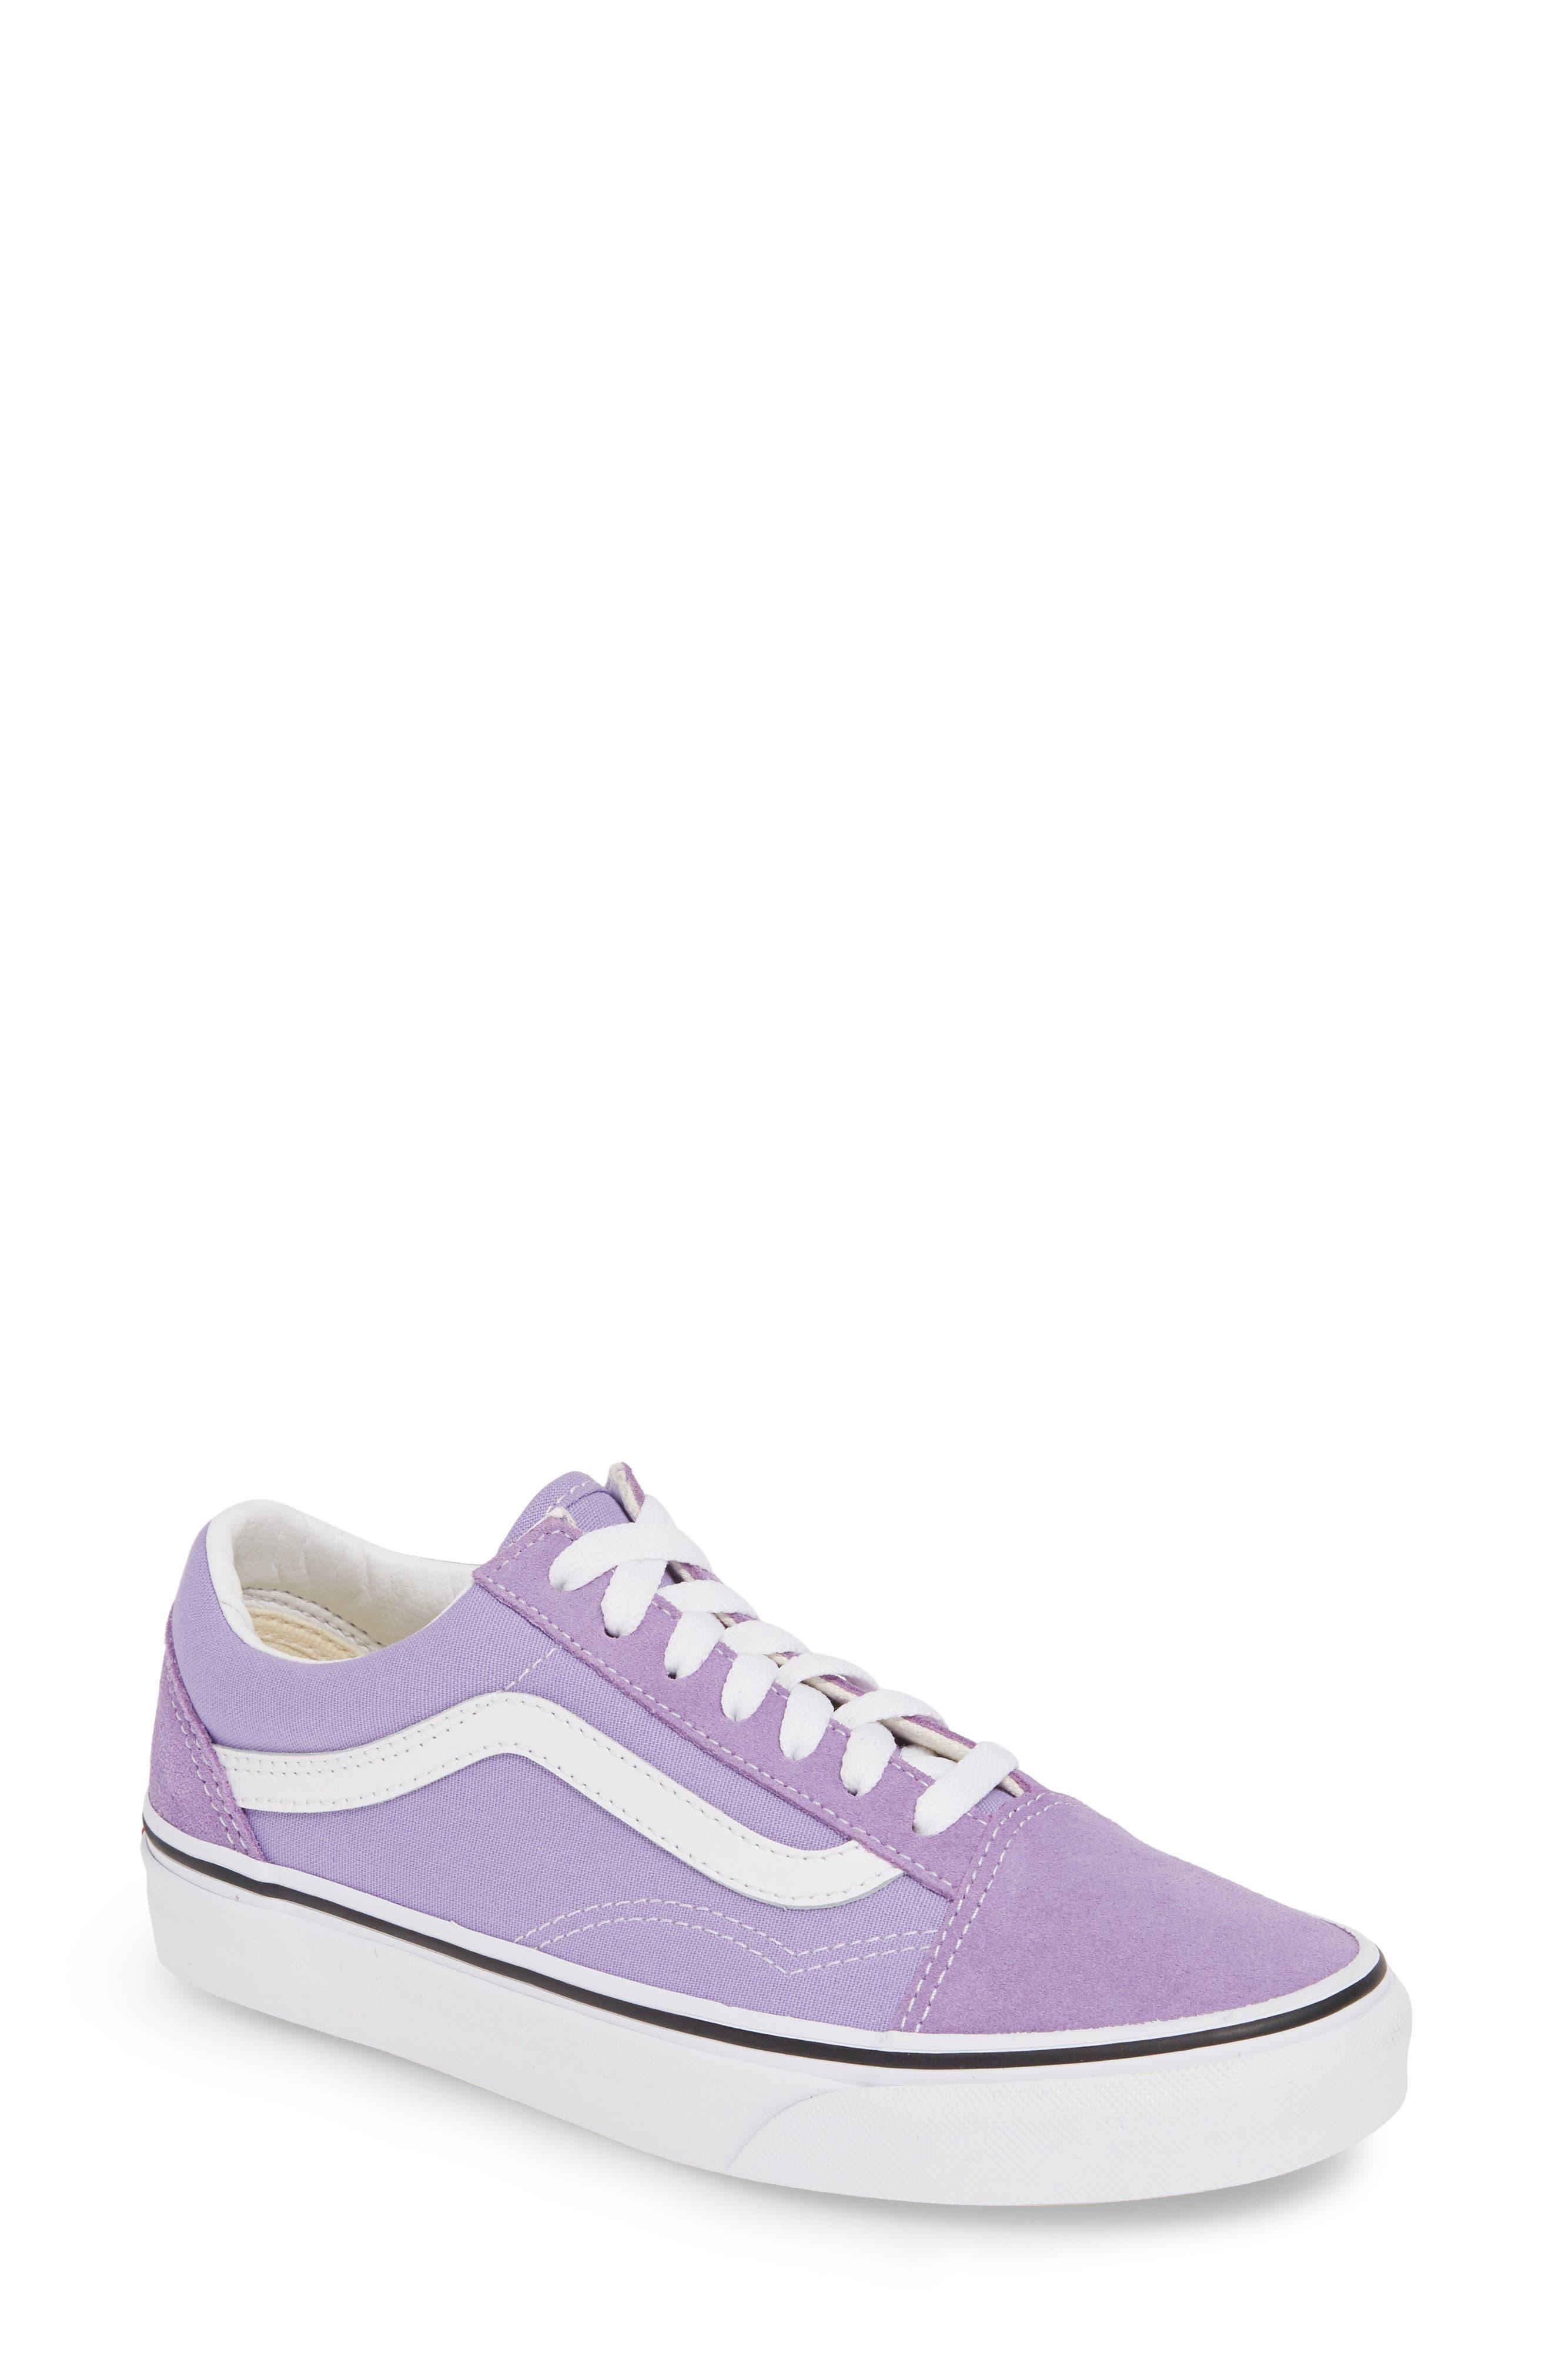 Vans Old Skool Sneaker, Purple